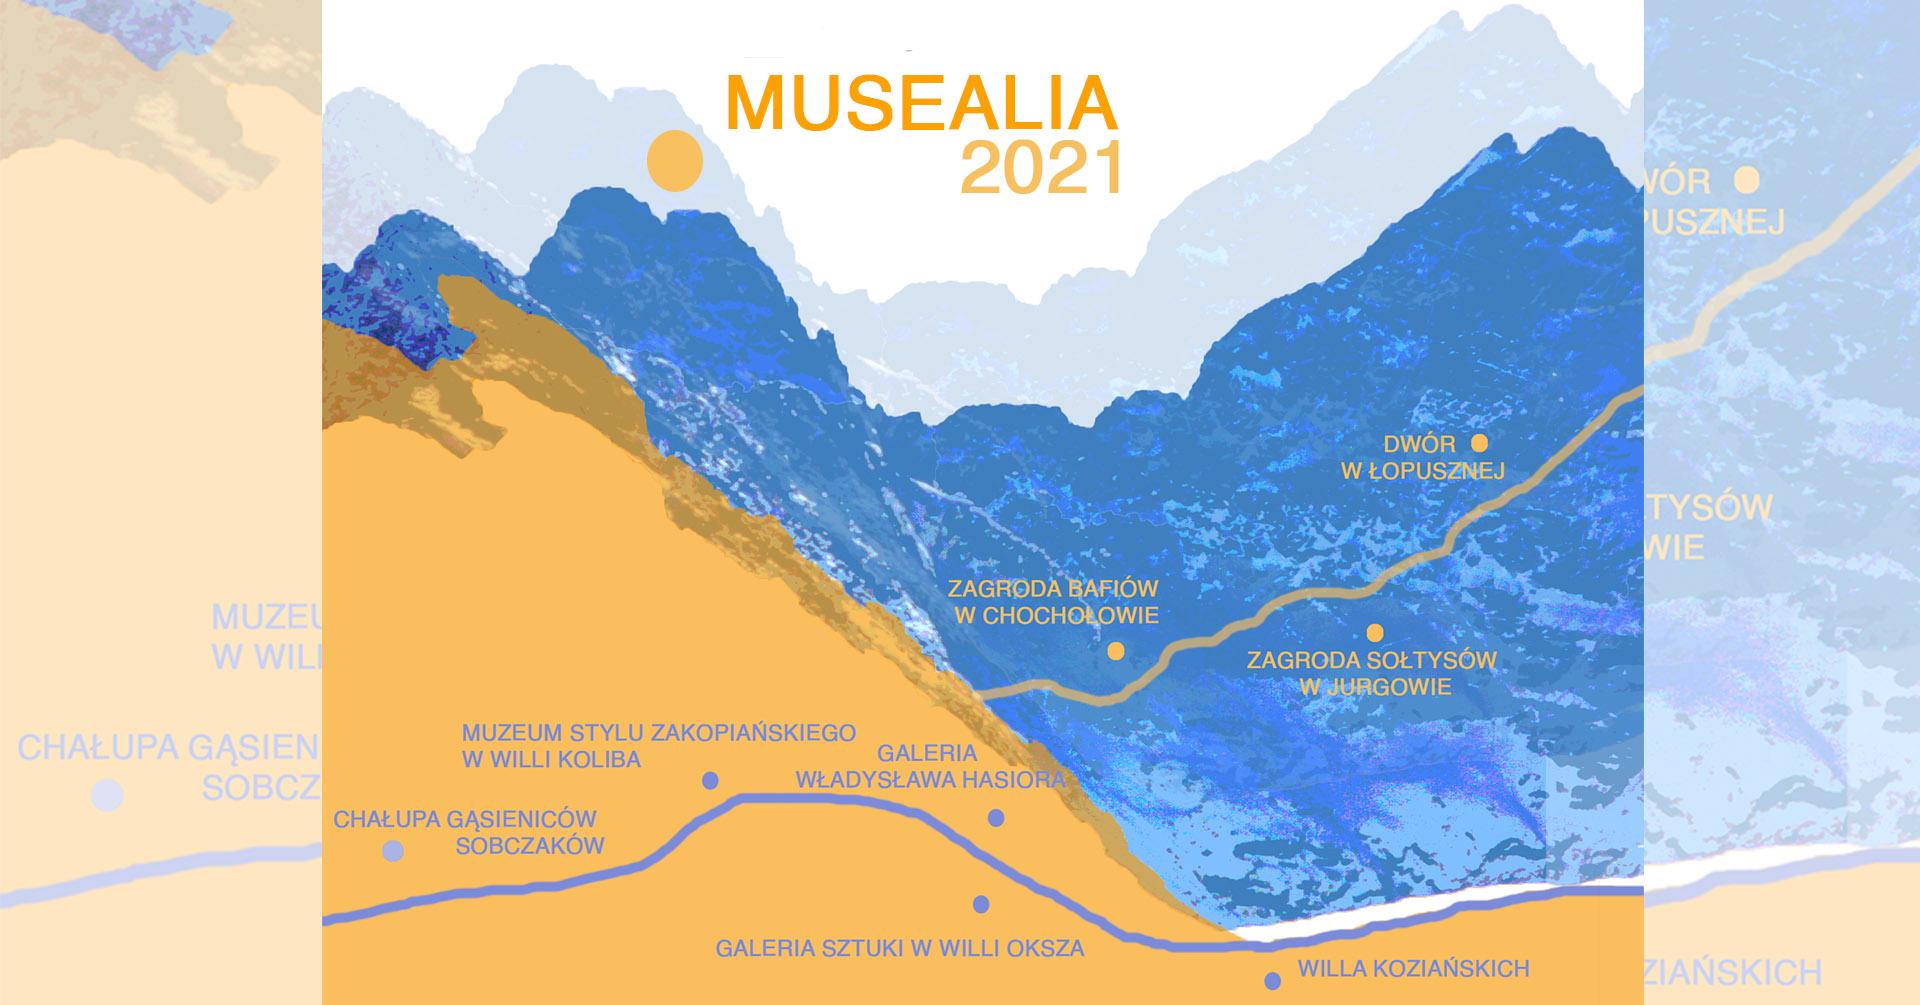 Tatrzańskie Musealia 2021